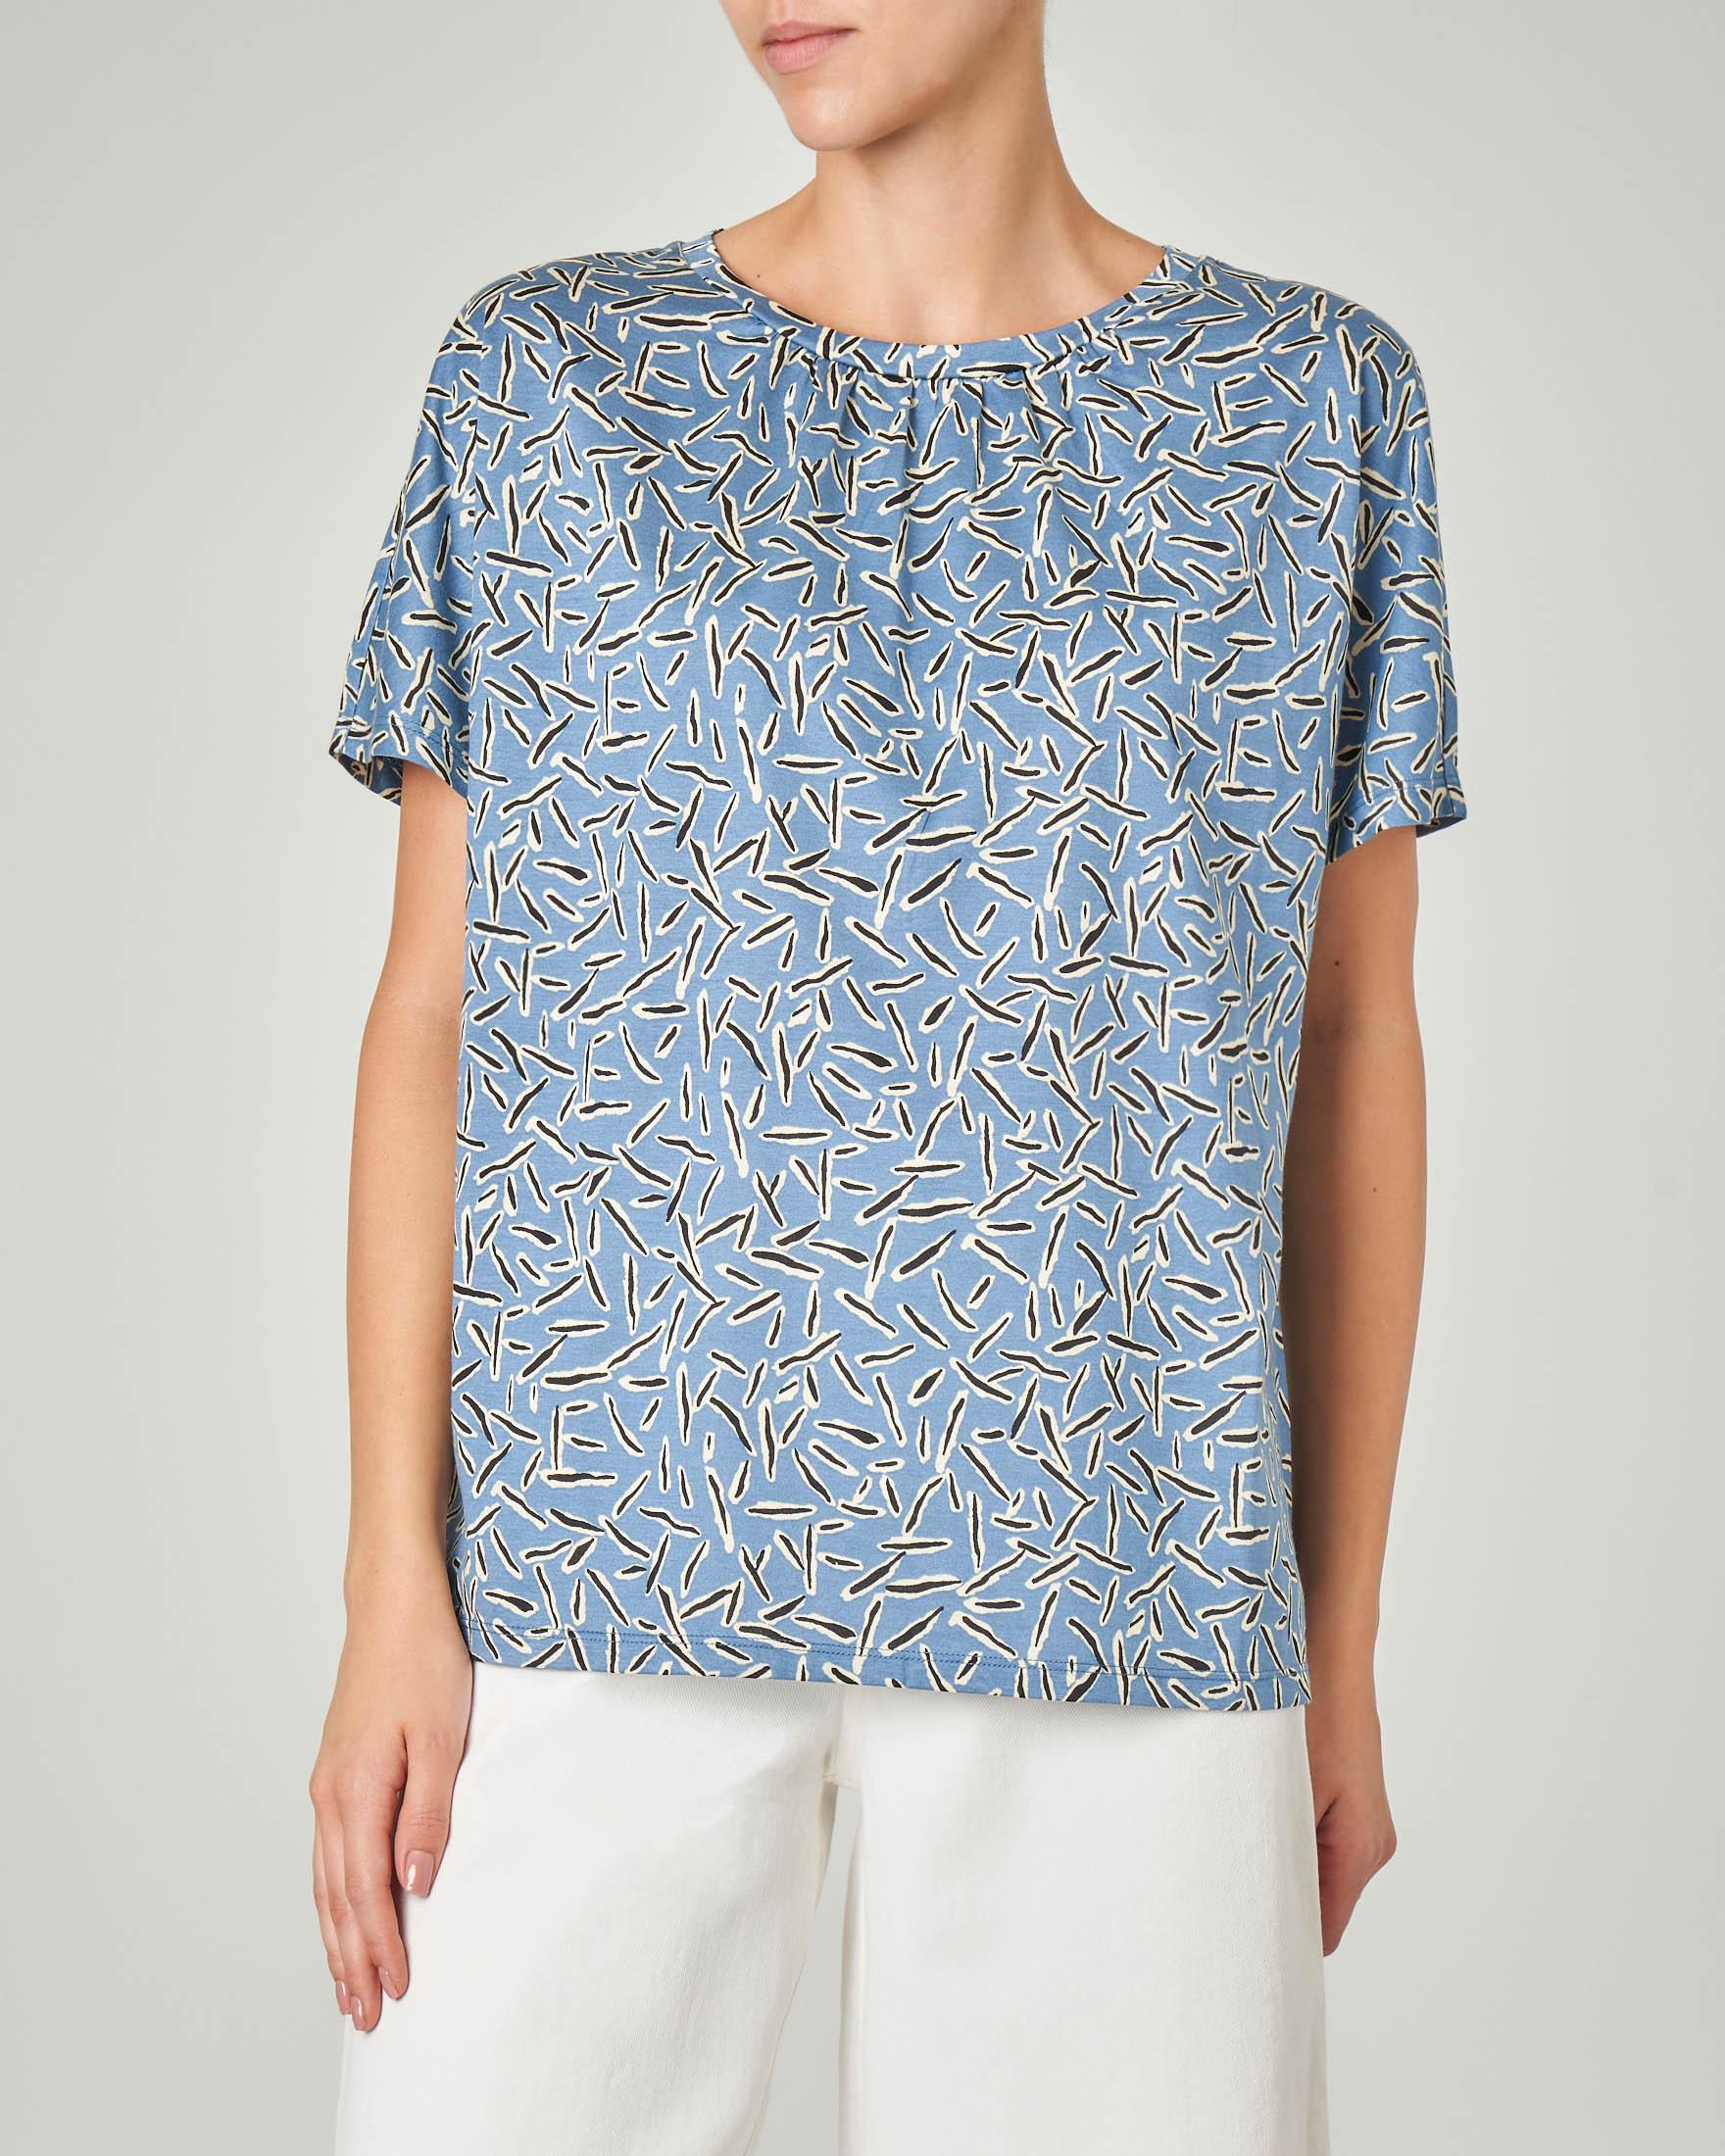 T-shirt girocollo in cotone color acqua a fantasia